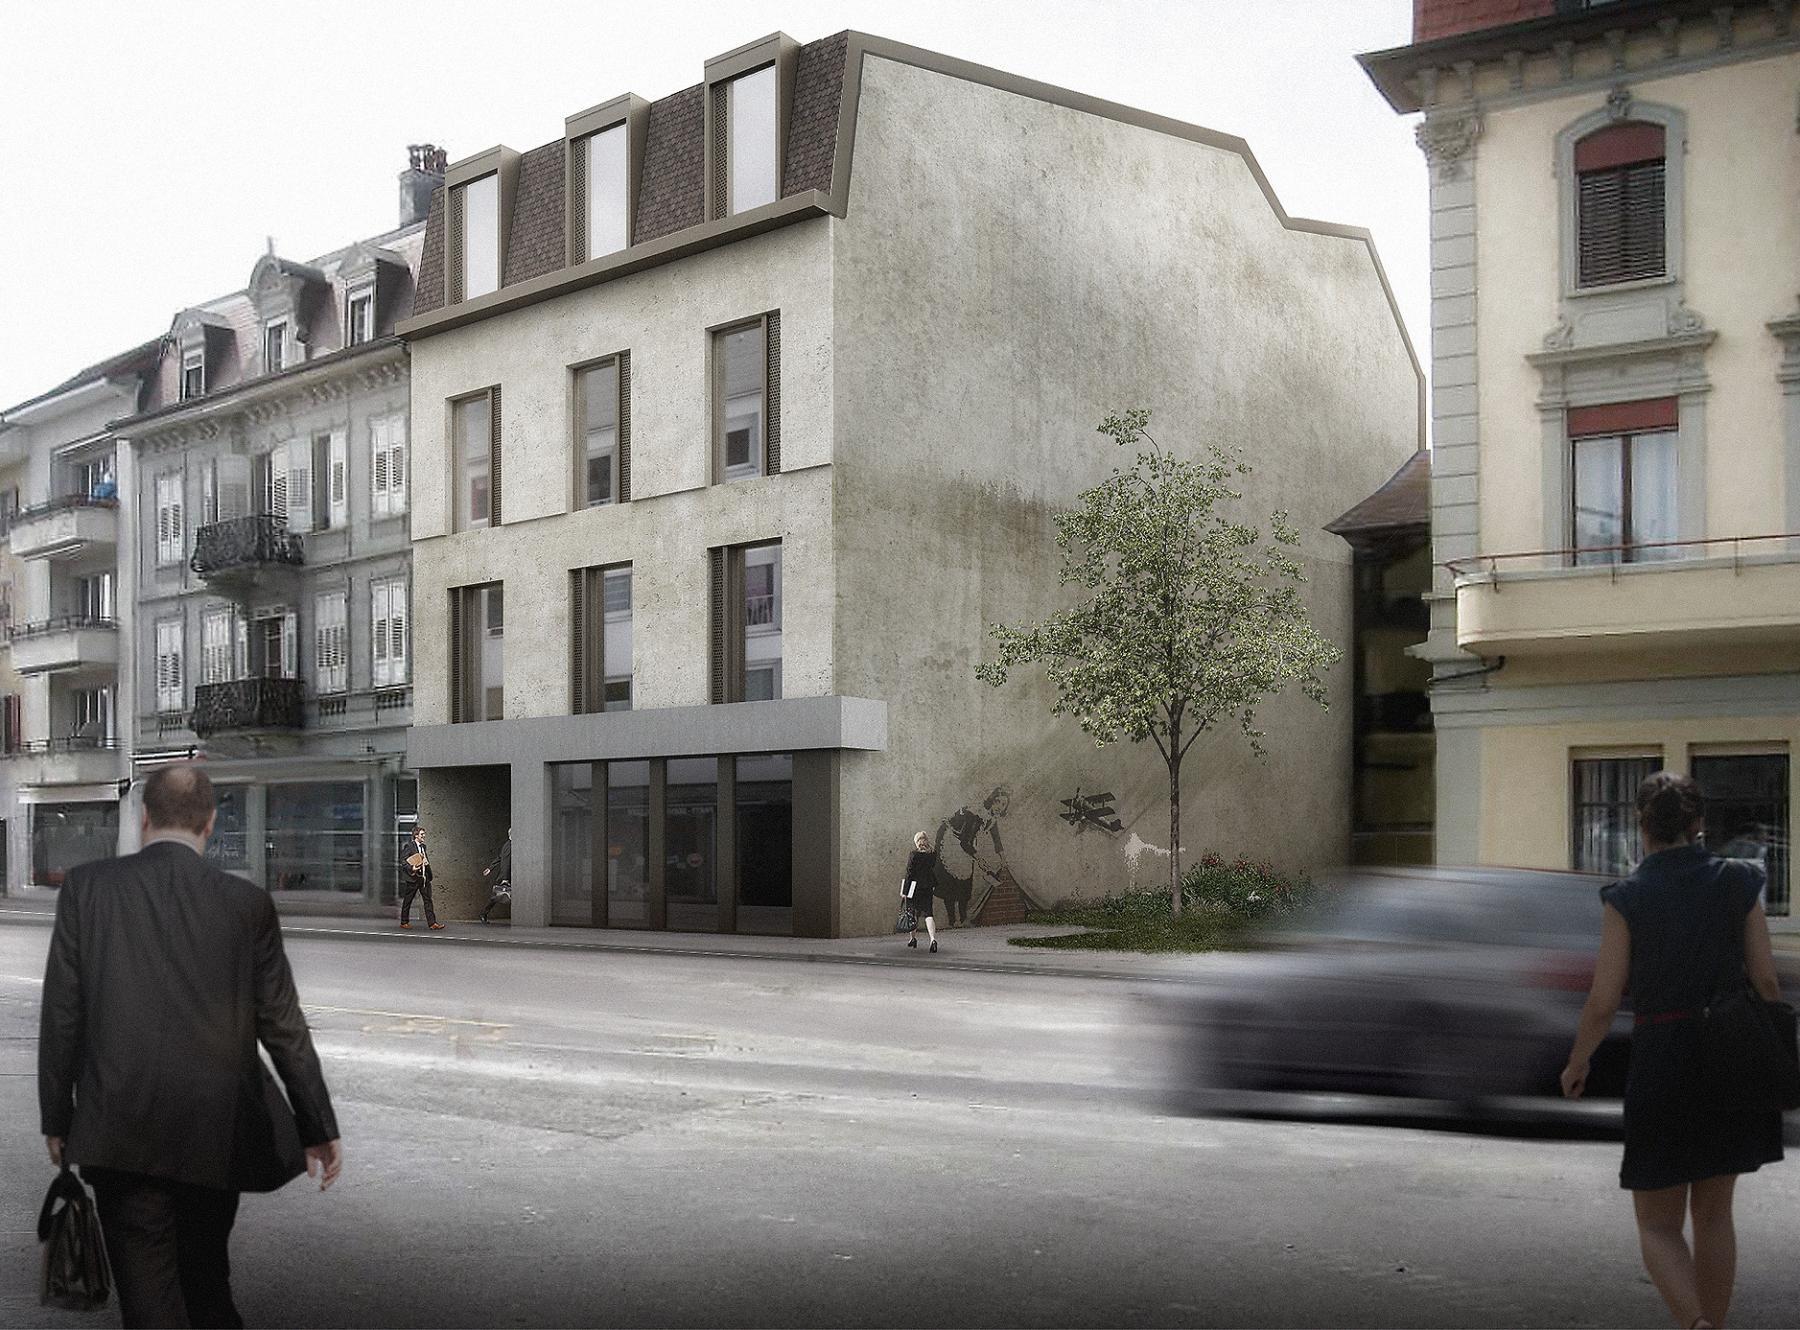 Transformation et surélévation d'un bâtiment administratif à Payerne, Boegli Kramp Architectes / Tekhne, LUX